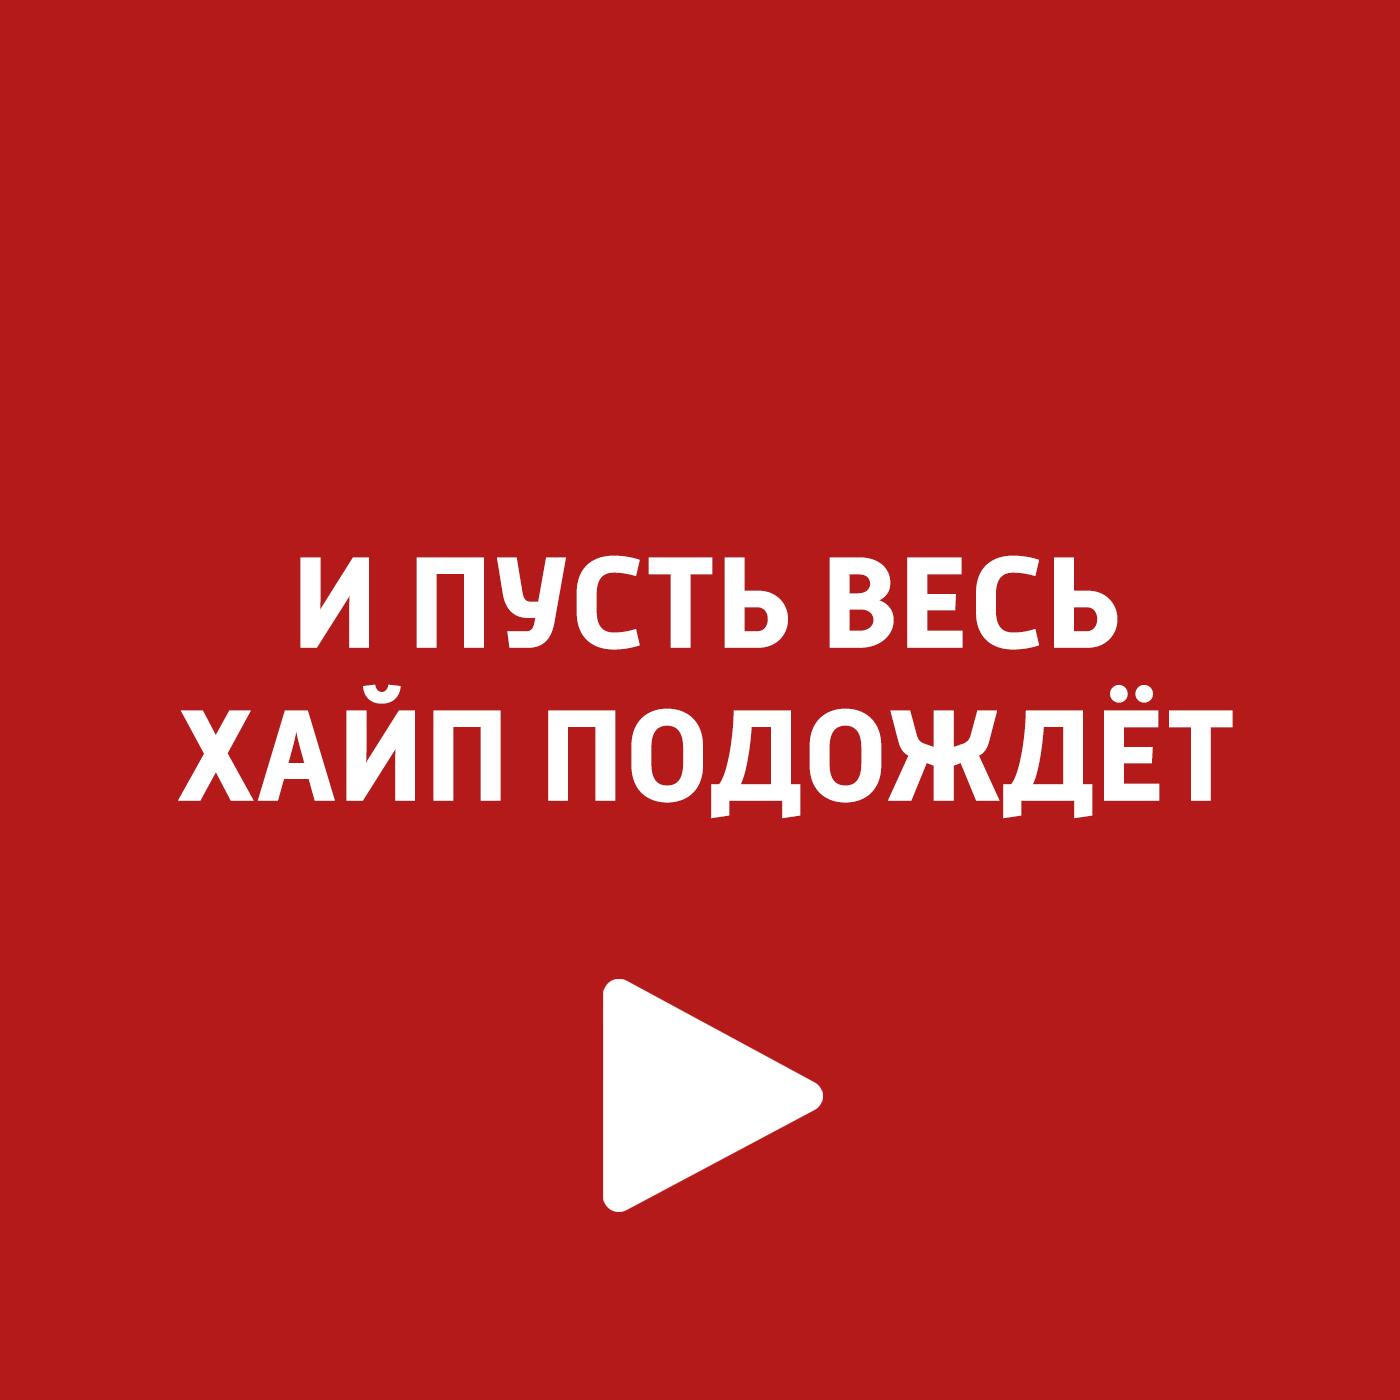 Ольга Савельева: Не боги пишут блоги